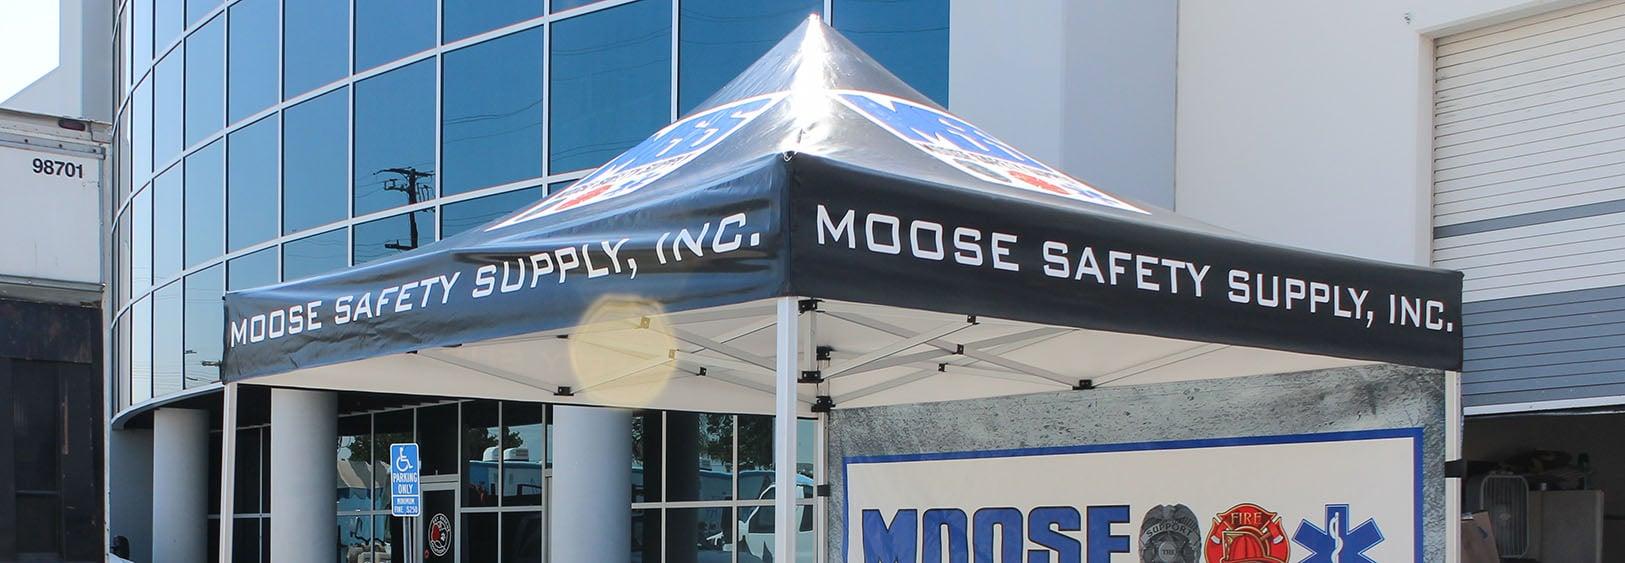 moose-safety-supply-header.jpg